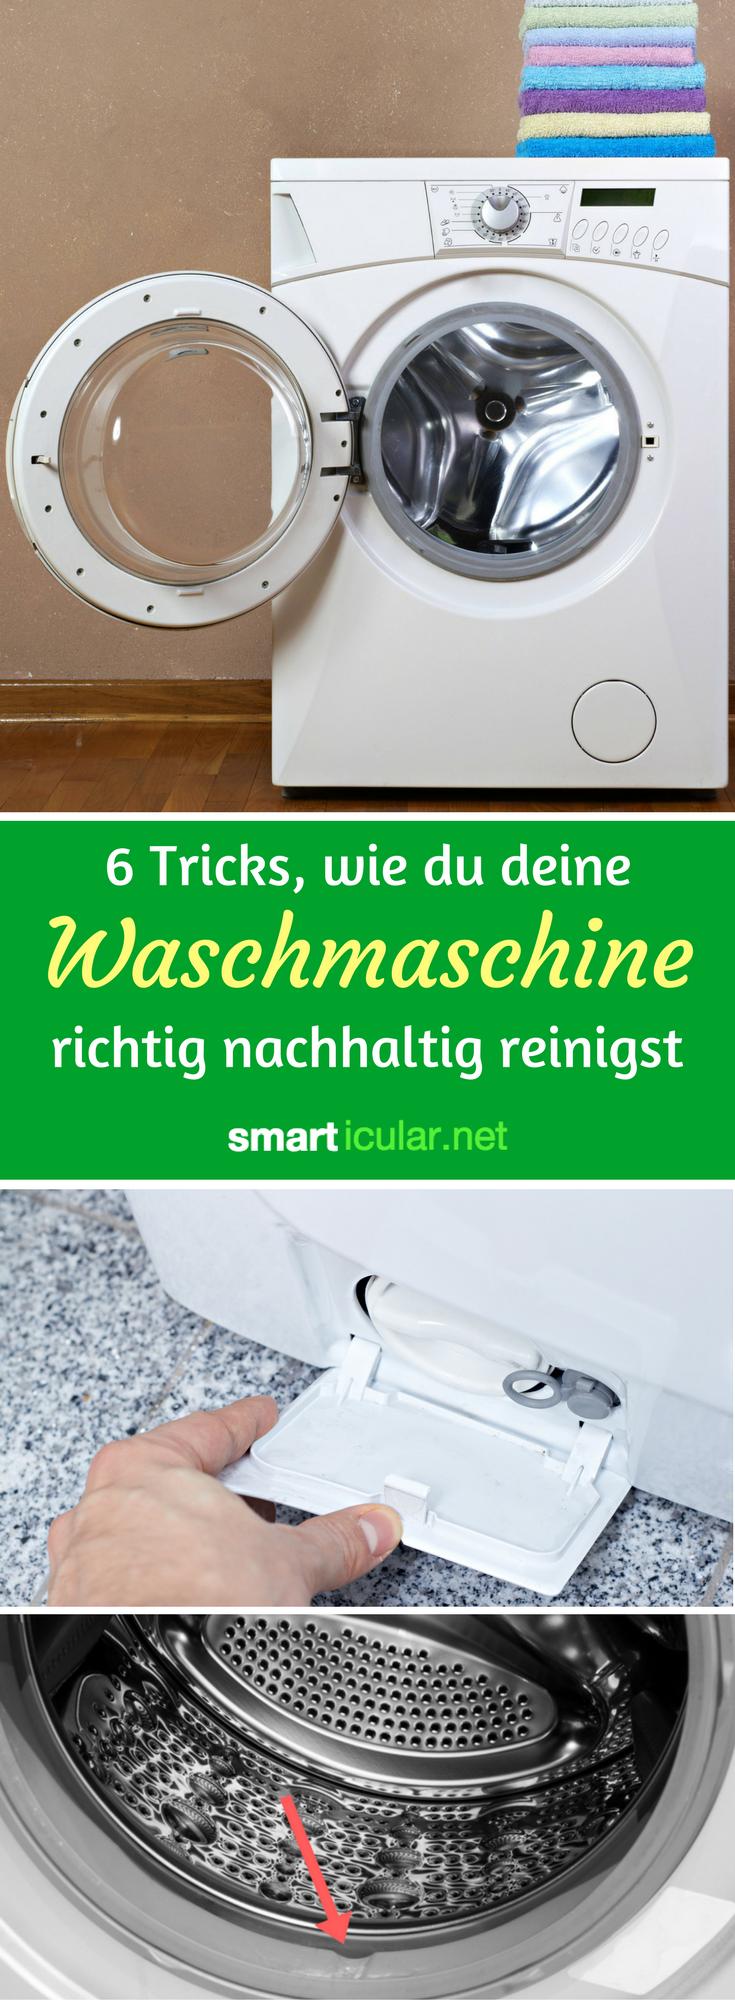 Waschmaschine umweltfreundlich reinigen mit hausmitteln for Schimmel in der waschmaschine